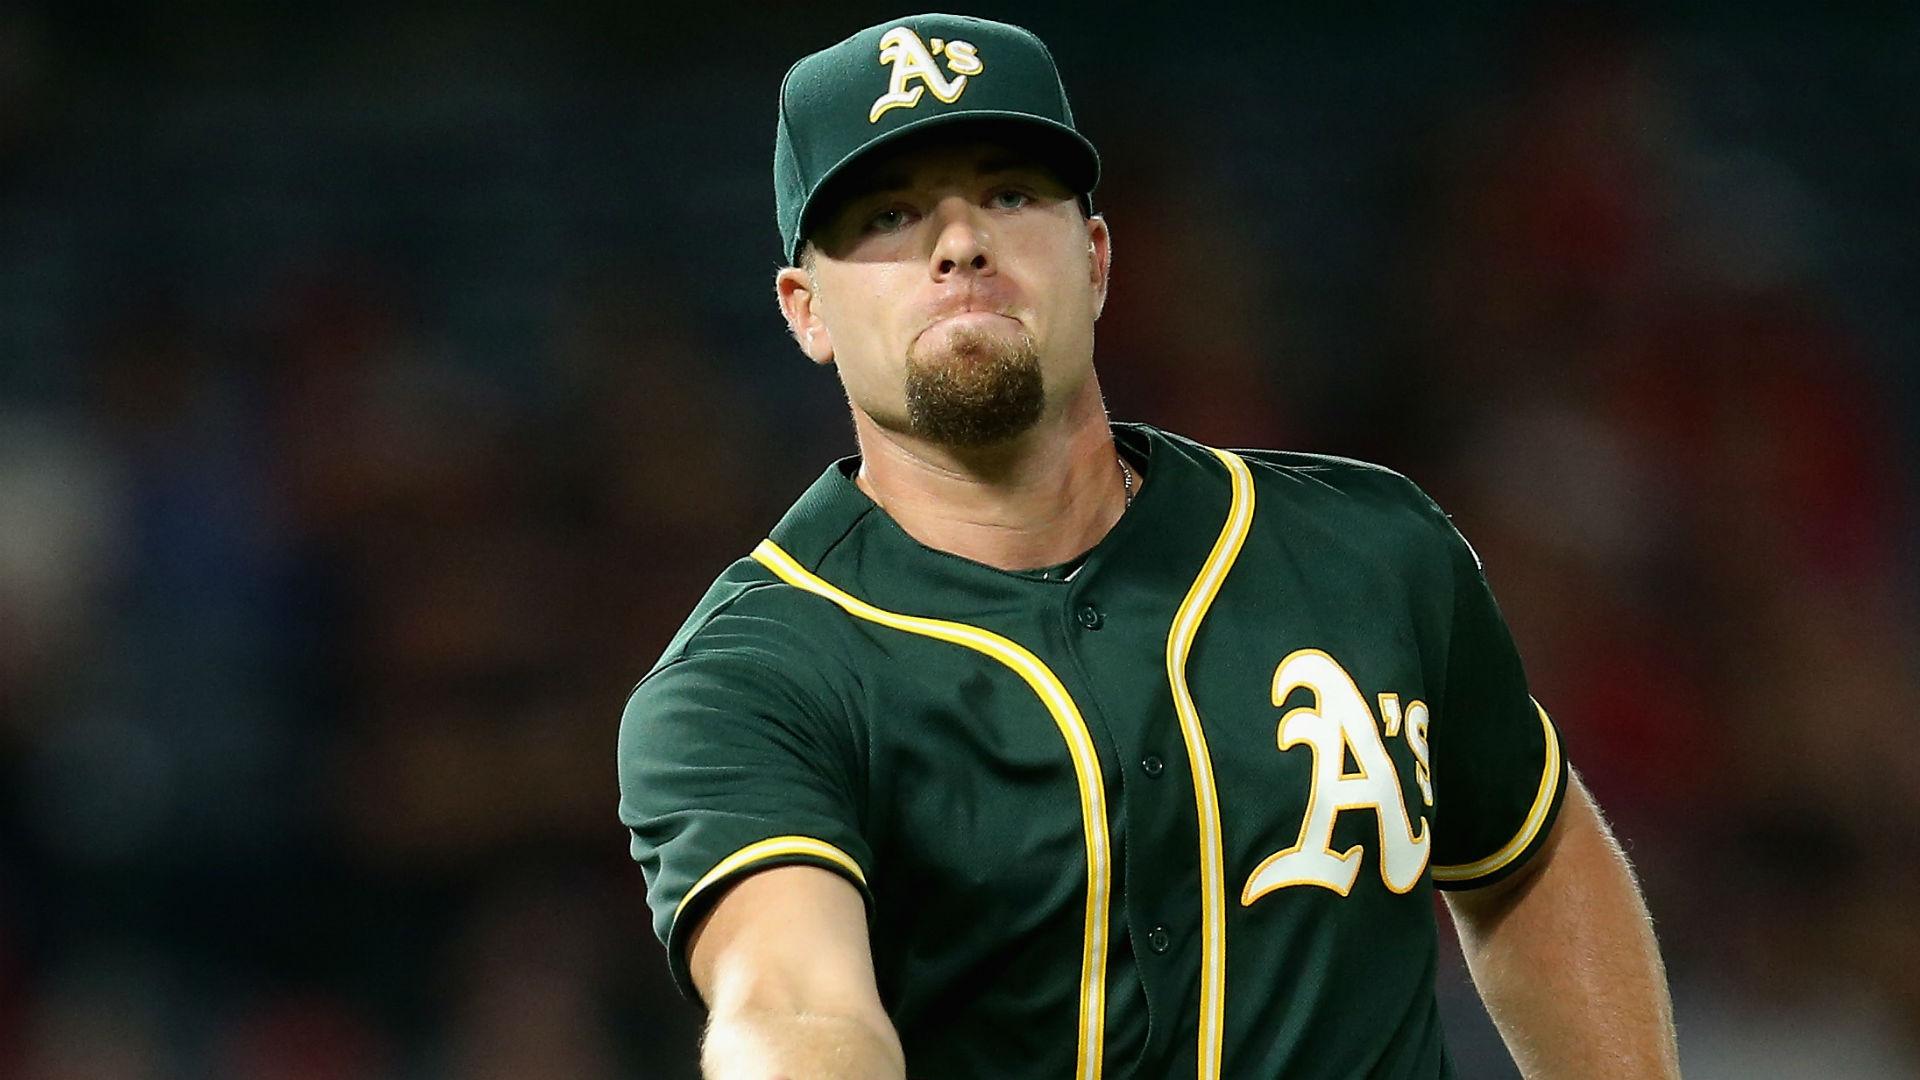 Blake Treinen injury update: Athletics lose reliever (back) for rest of season